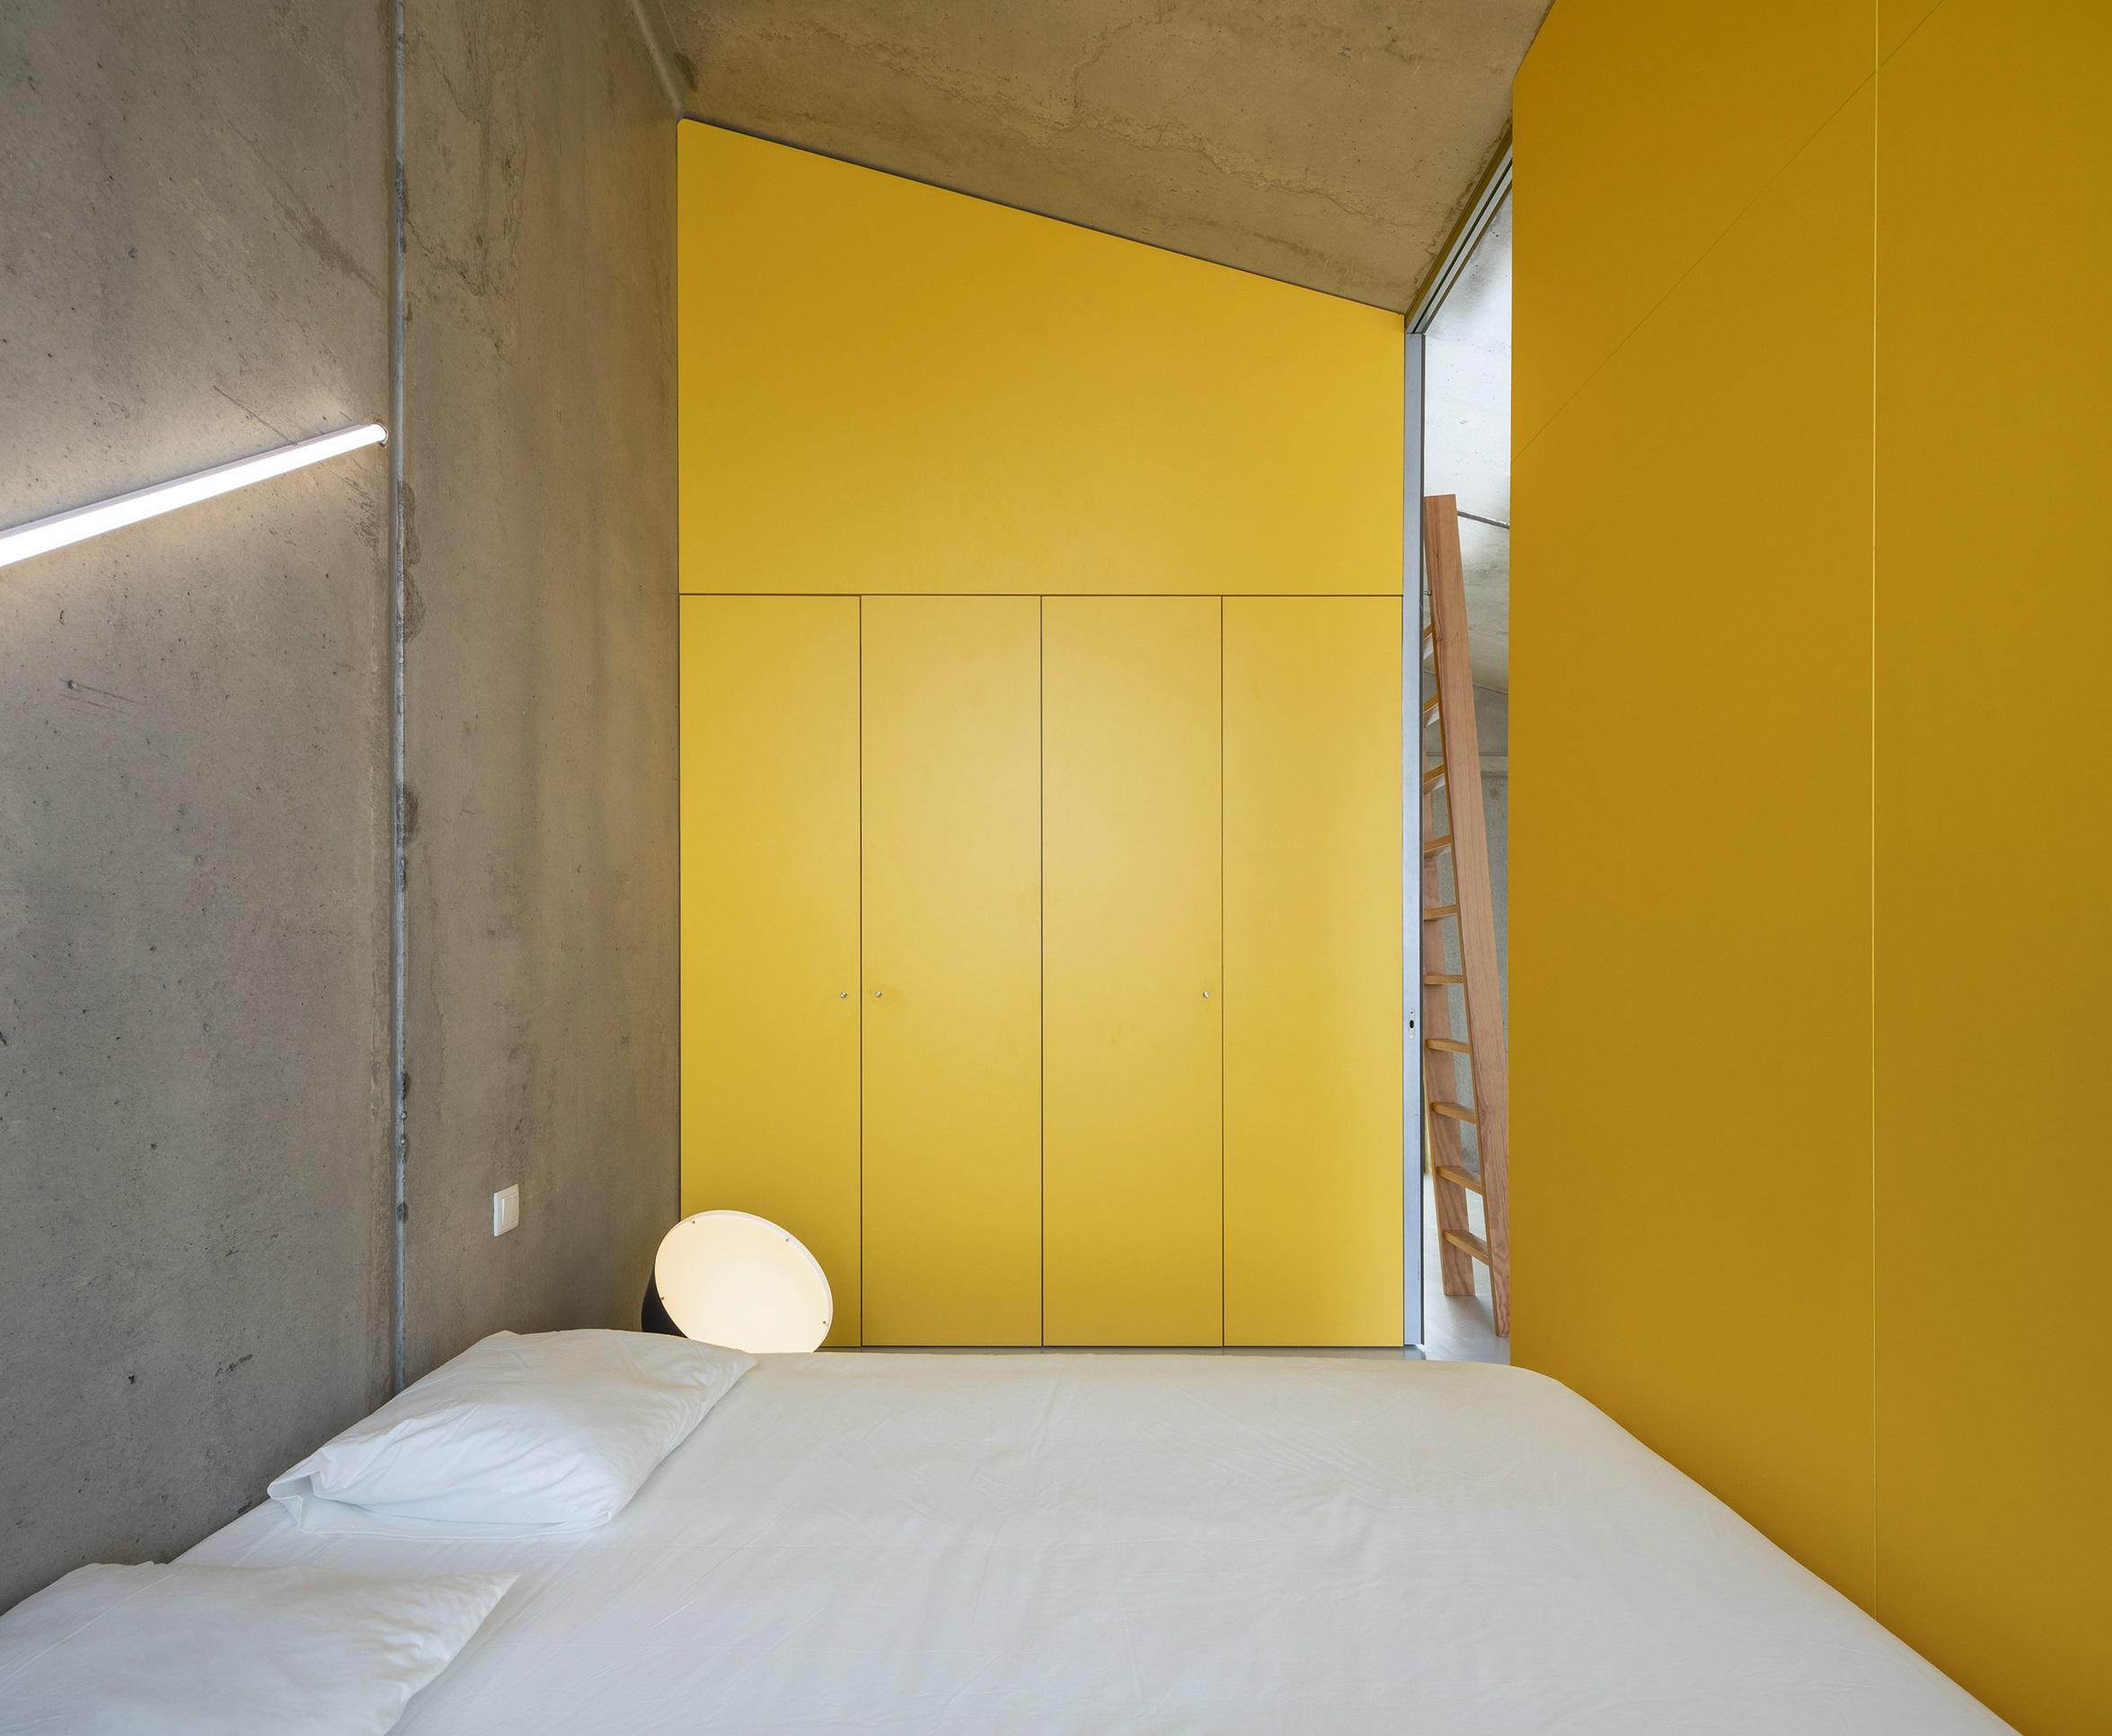 El hormigón contrasta con las paredes amarillas y los textiles blancos